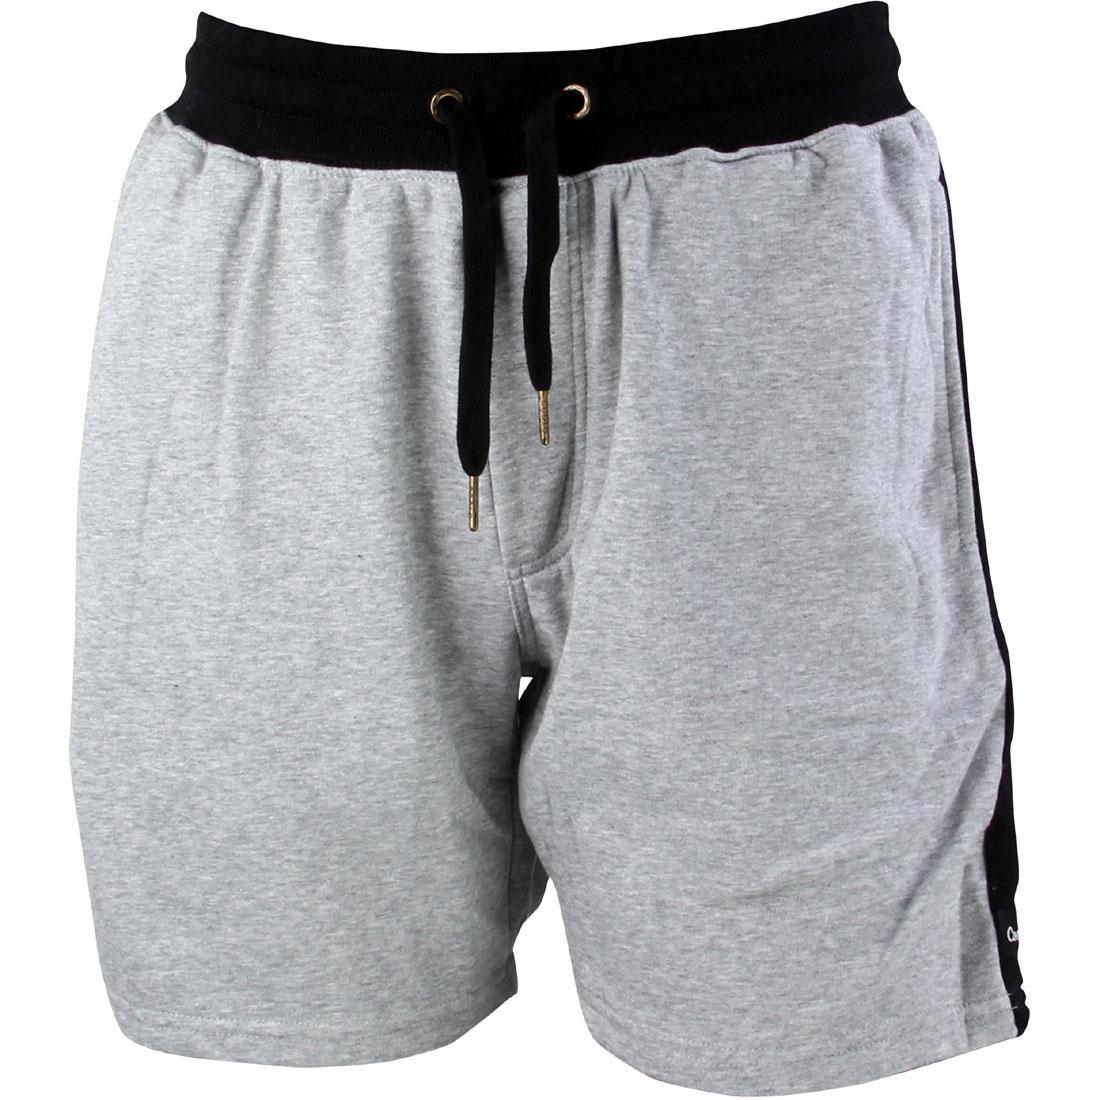 Barney Cools Men Weekend 18 Shorts (gray / melange)